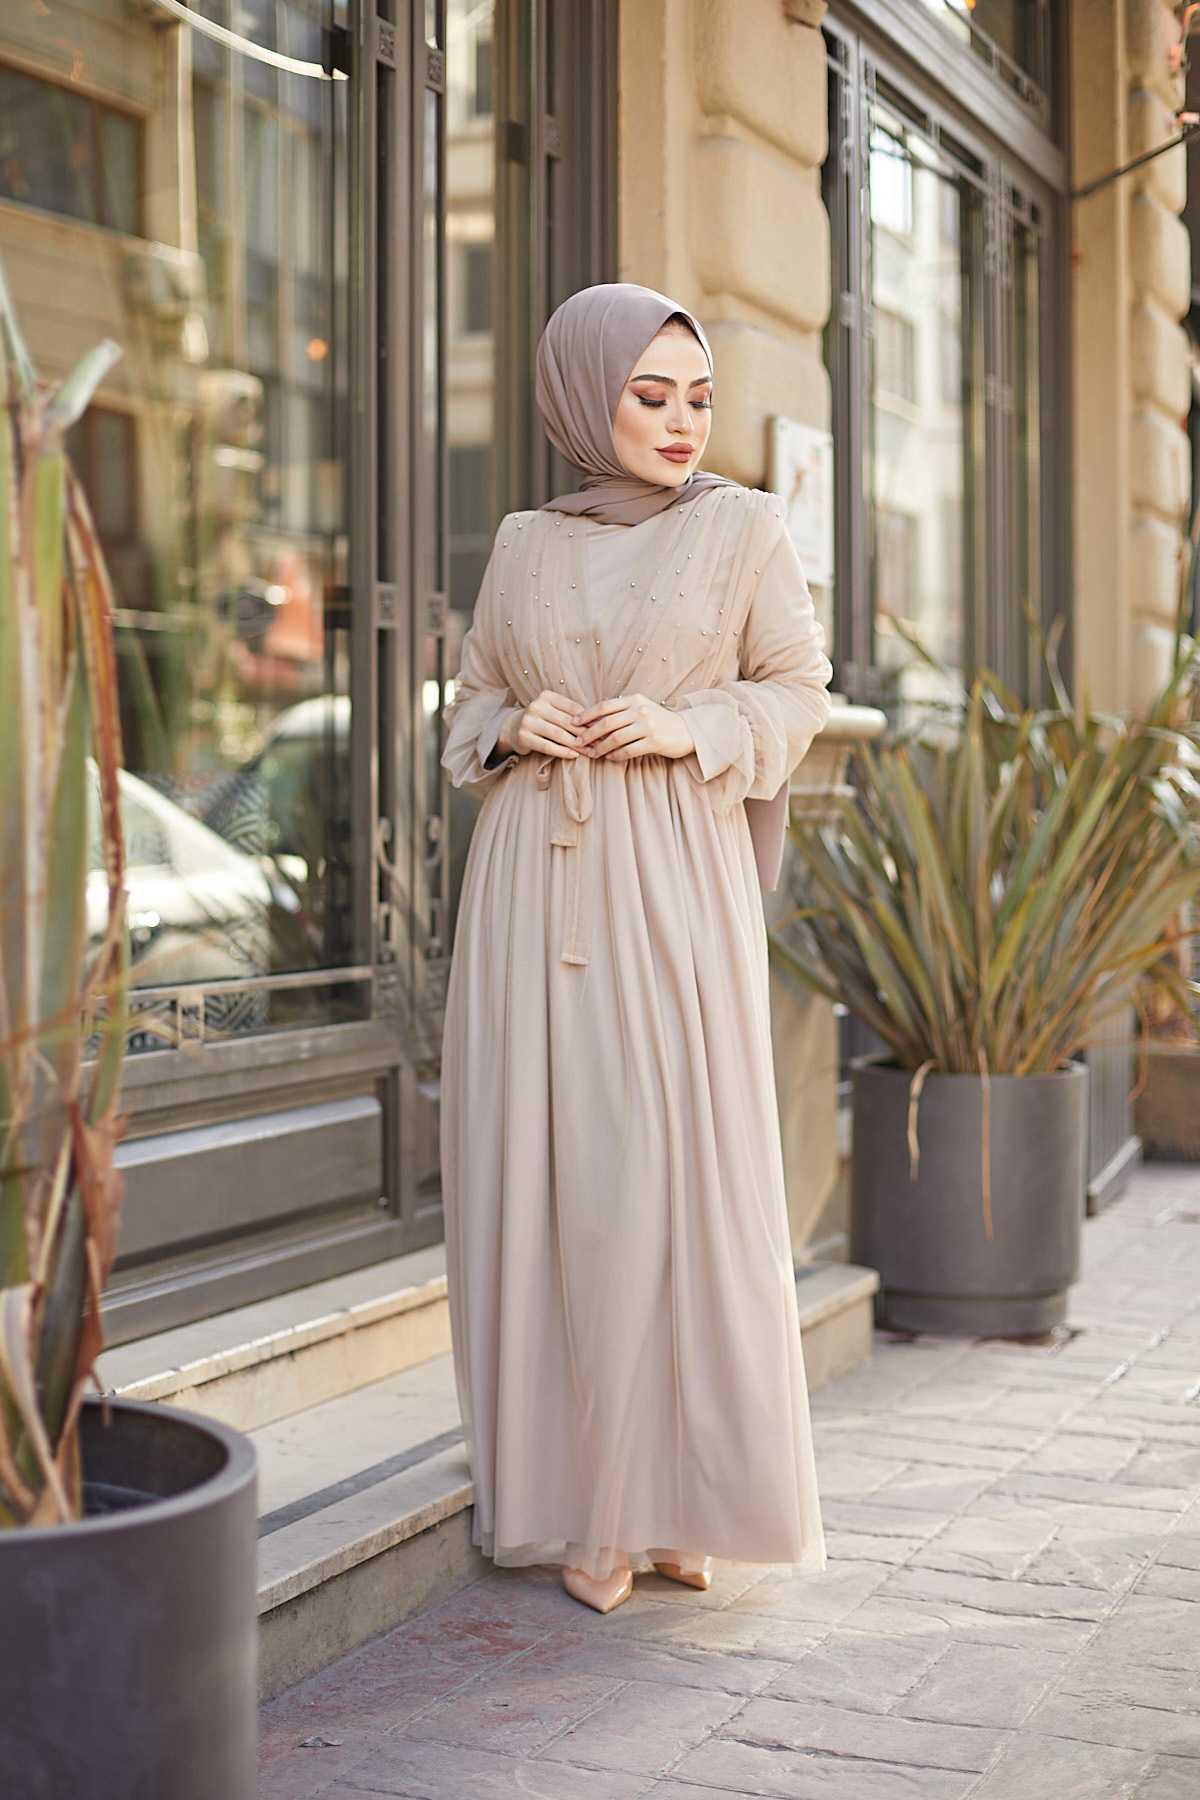 En Güzel Eliza Moda Tesettür Elbise Modelleri